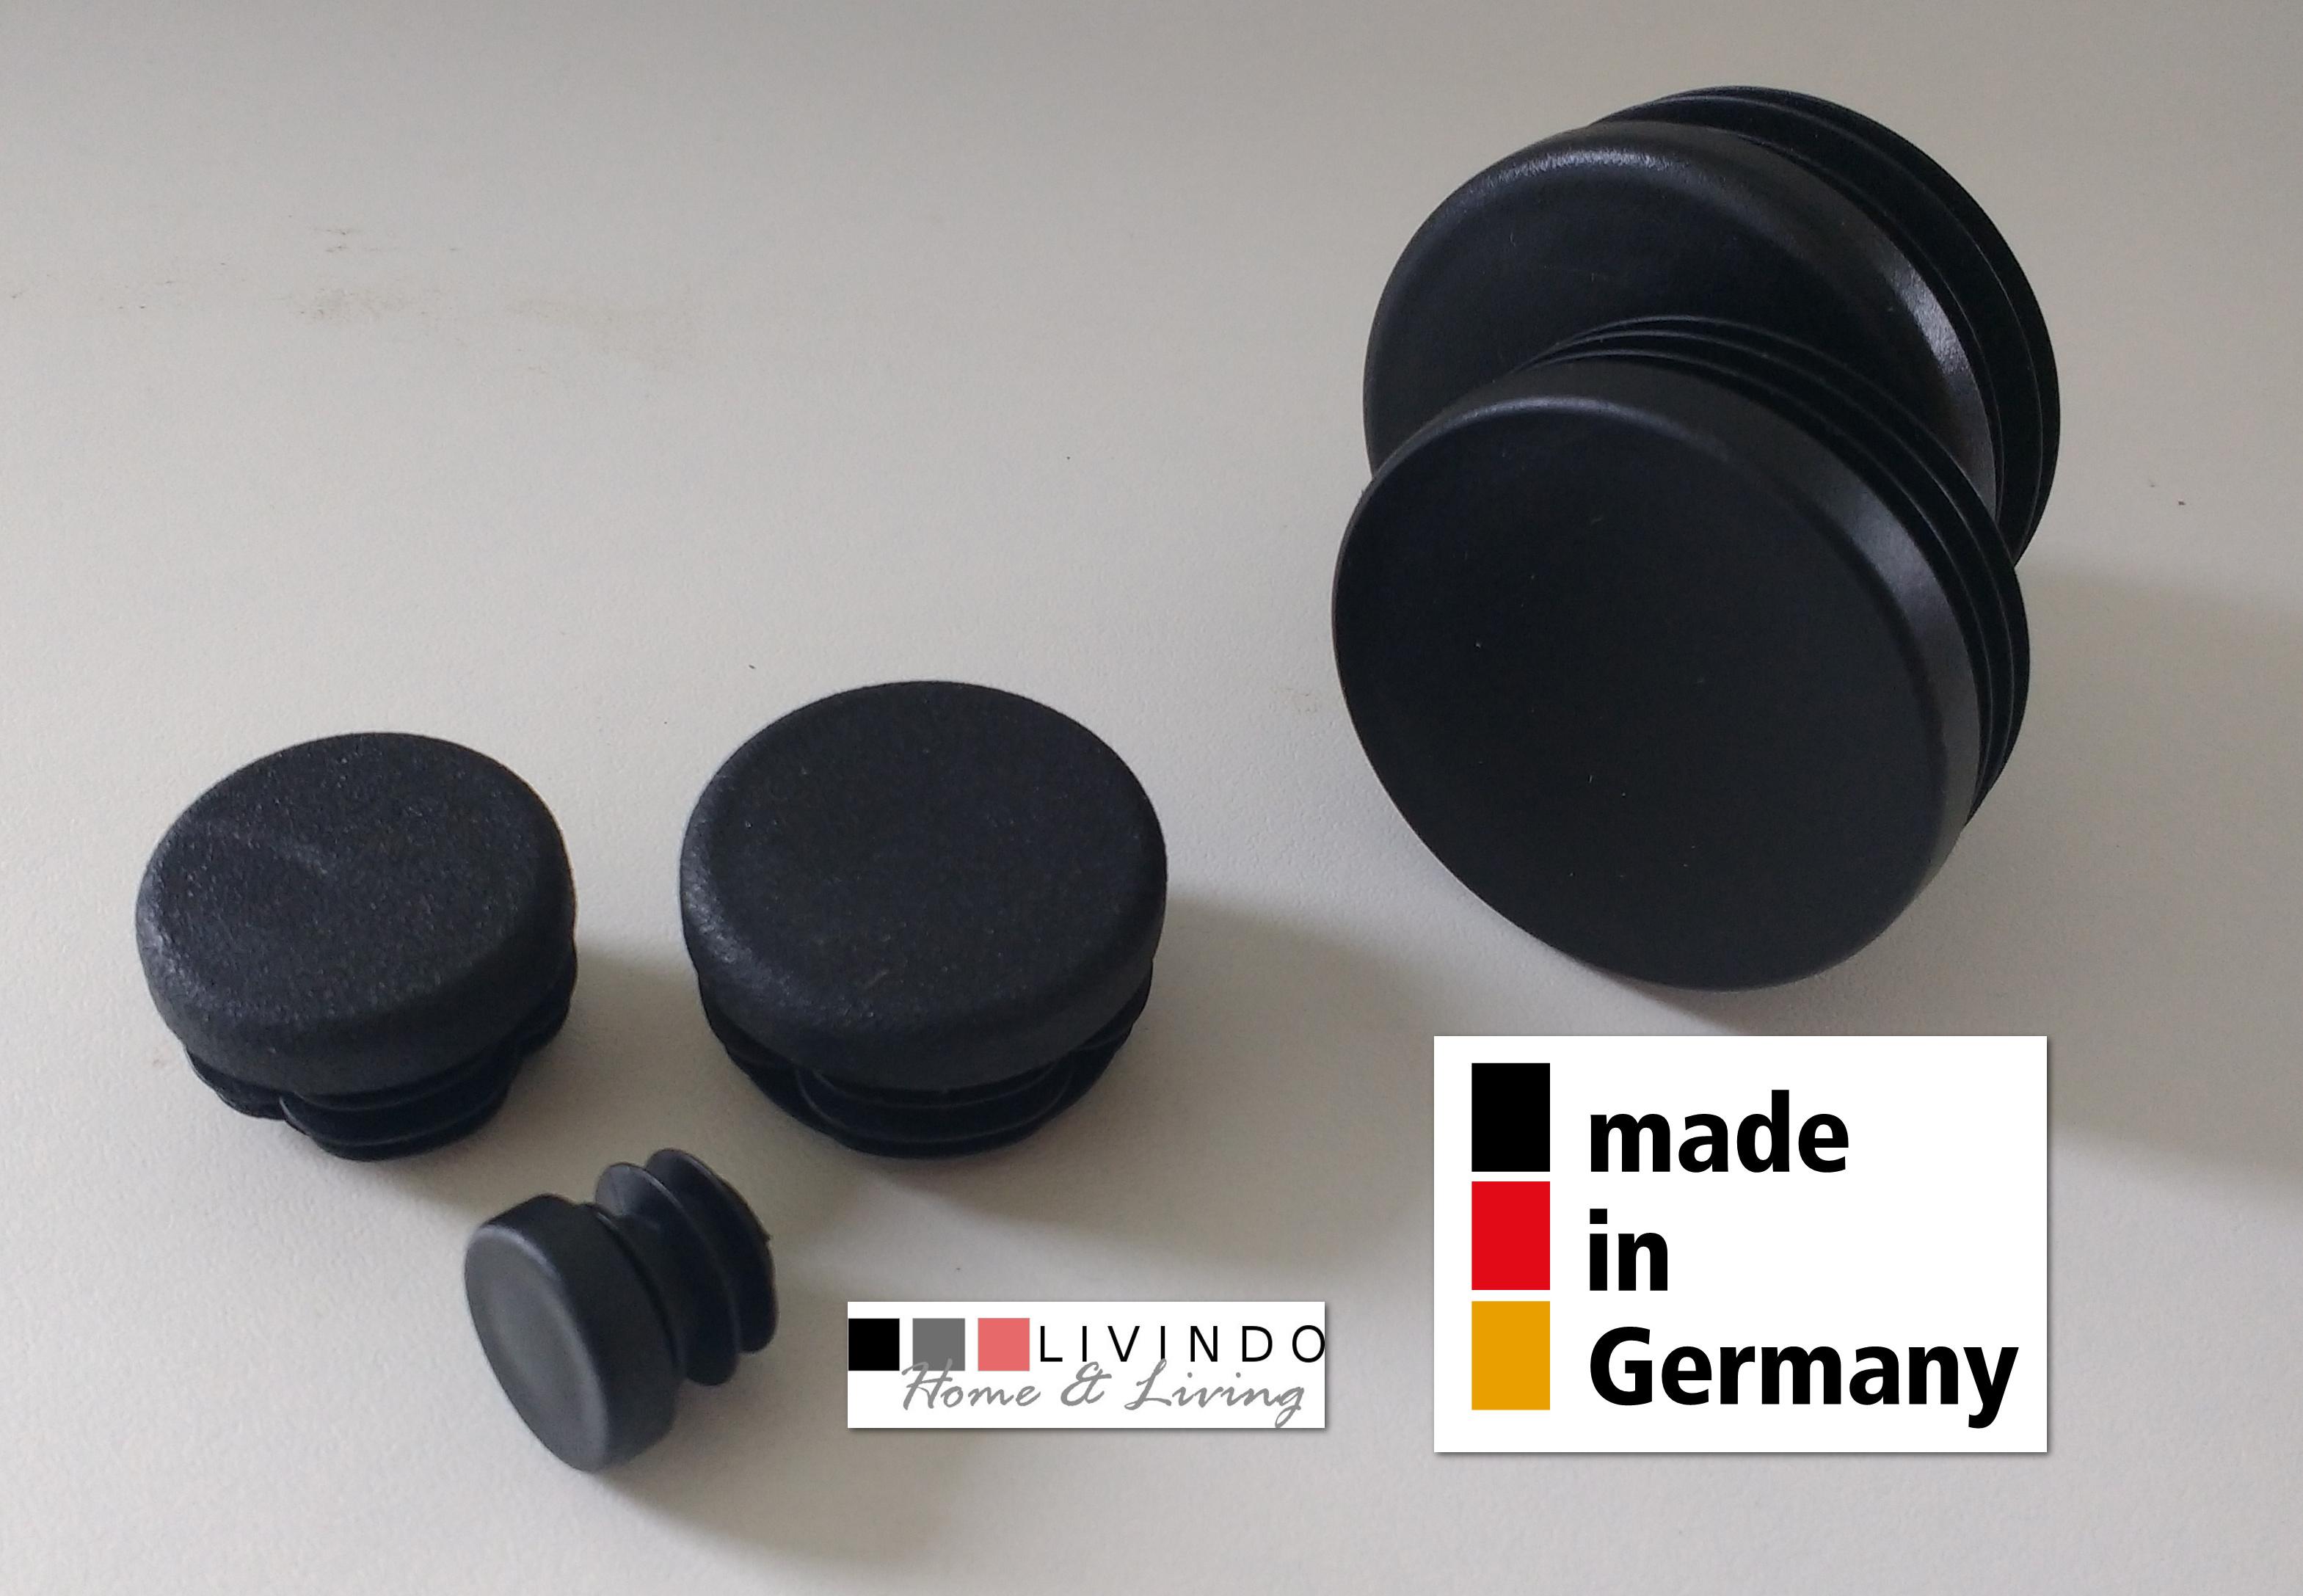 10 Stck. Lamellenstopfen Rohrstopfen Pfostenkappen Rund 40 mm mm Schwarz